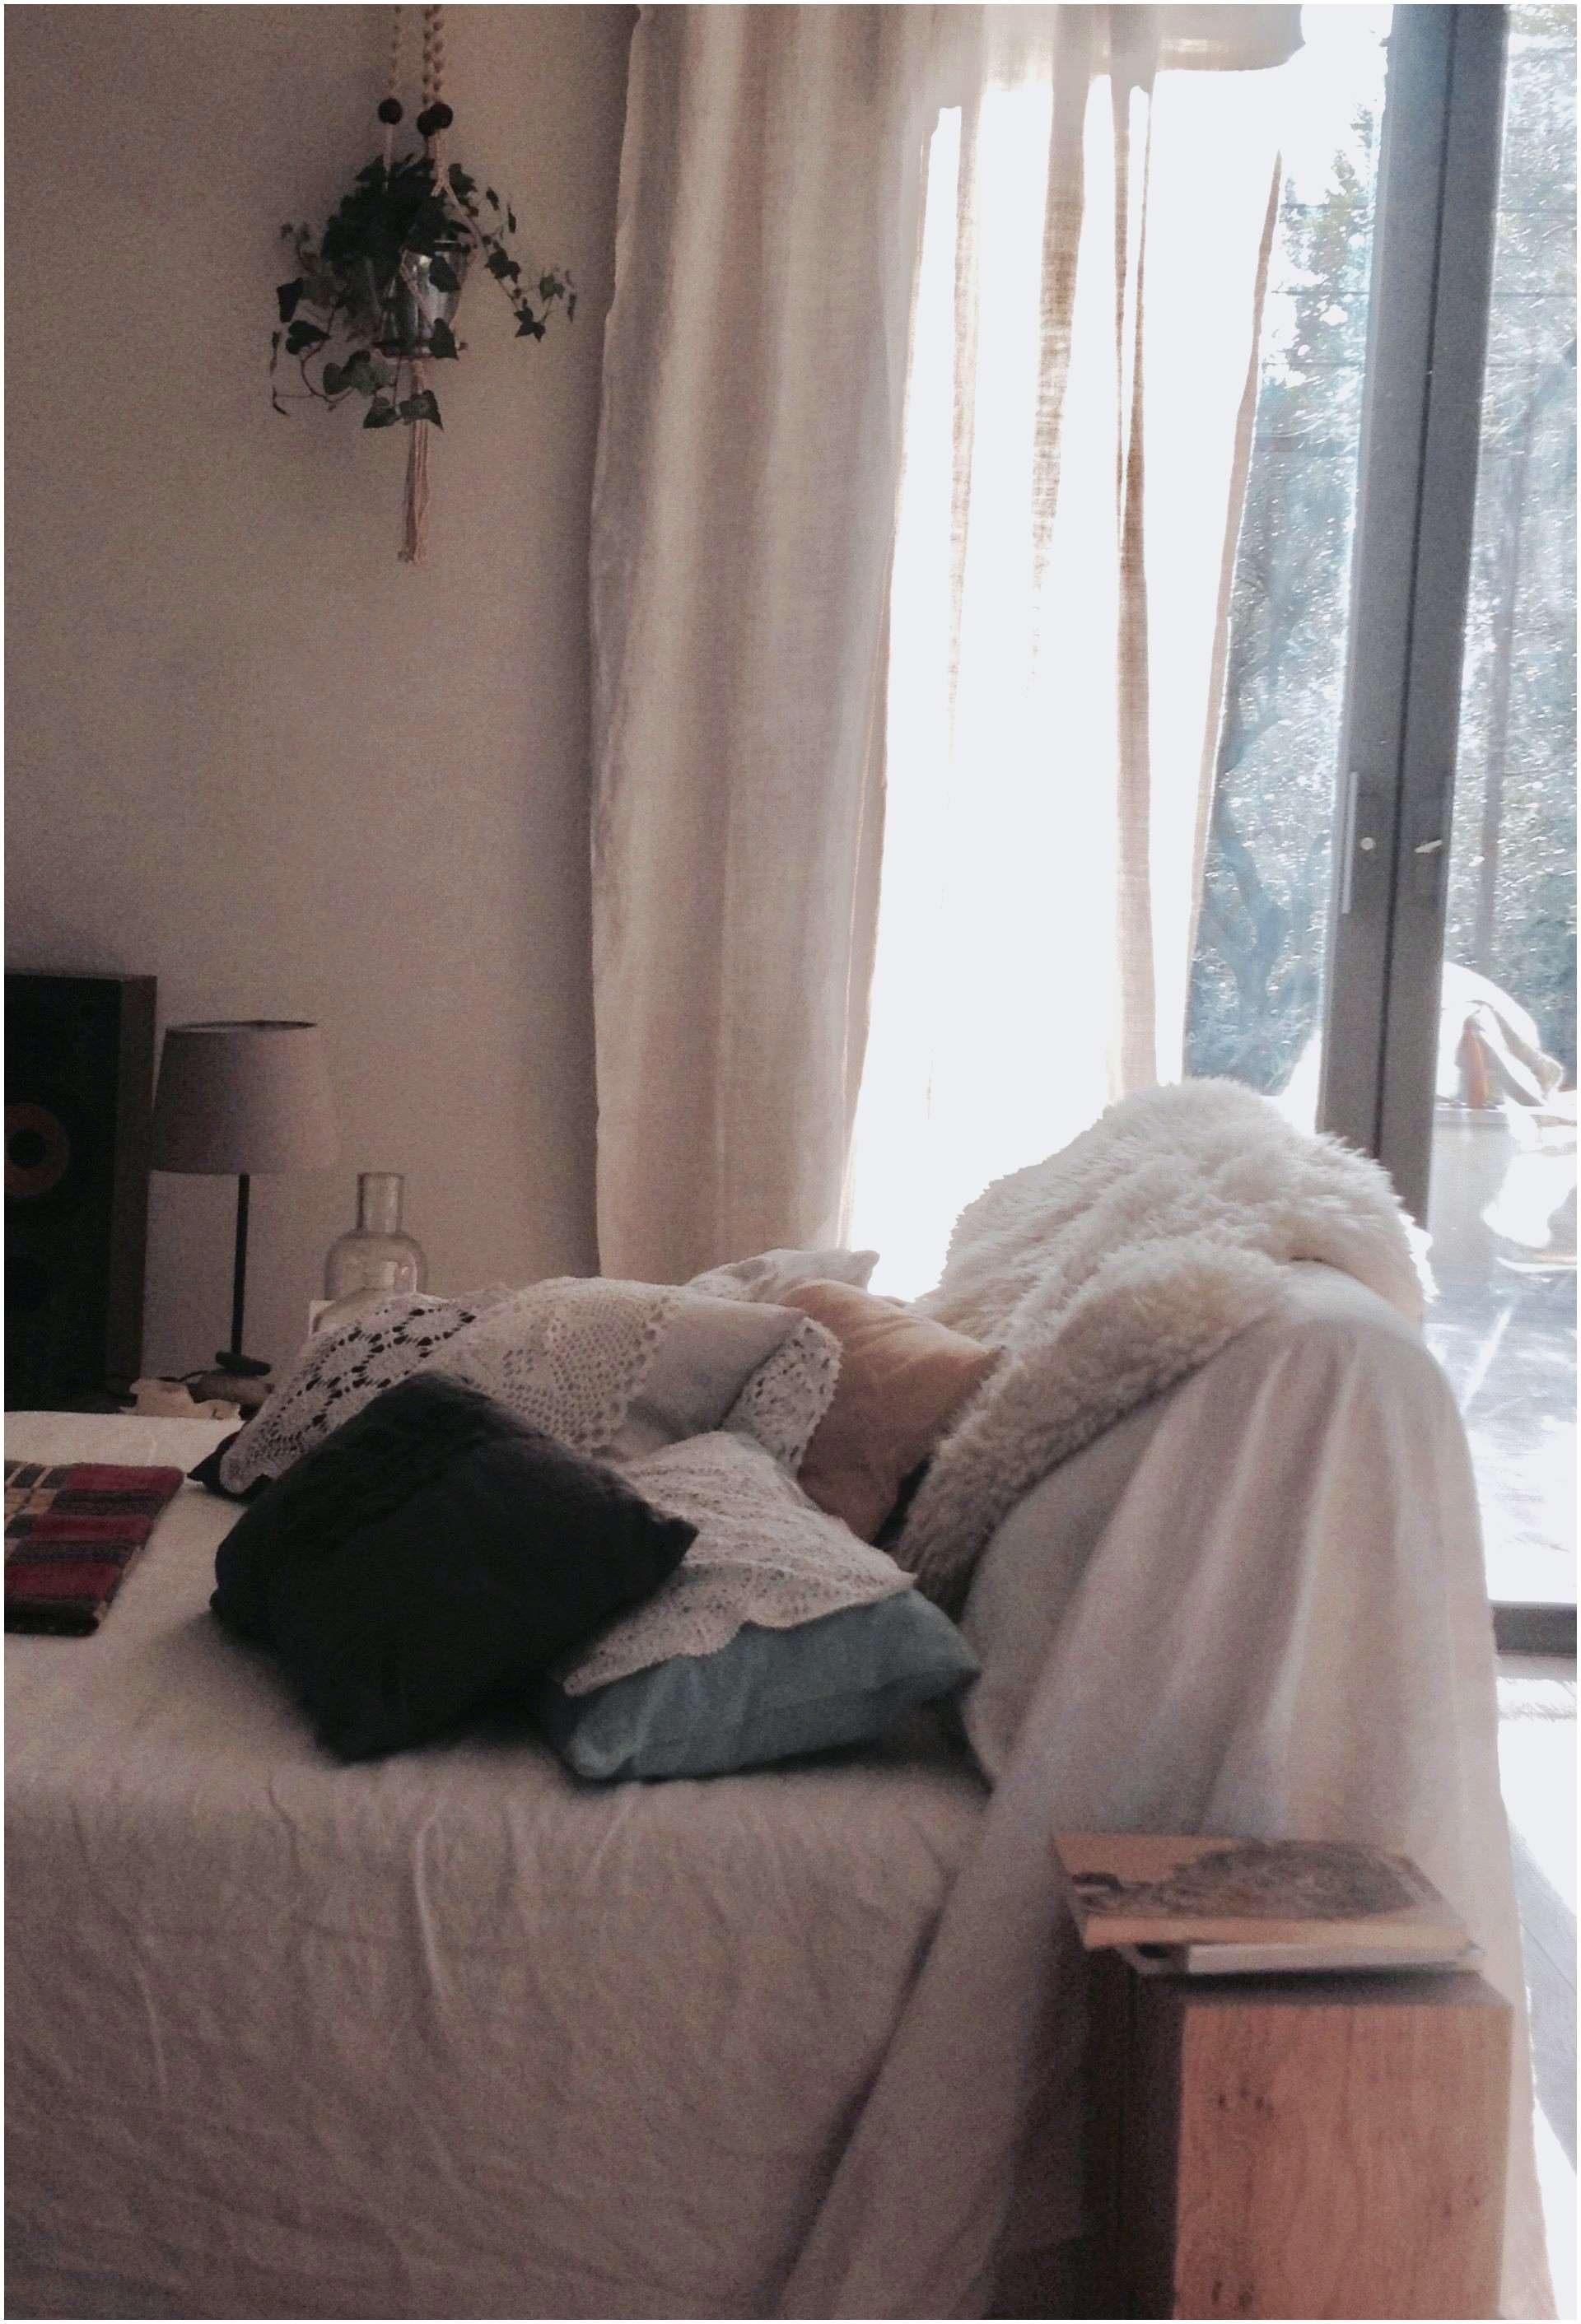 Parure De Lit Marbre Bel Frais Beau Avec Intéressant Linge De Lit Concernant Votre Maison